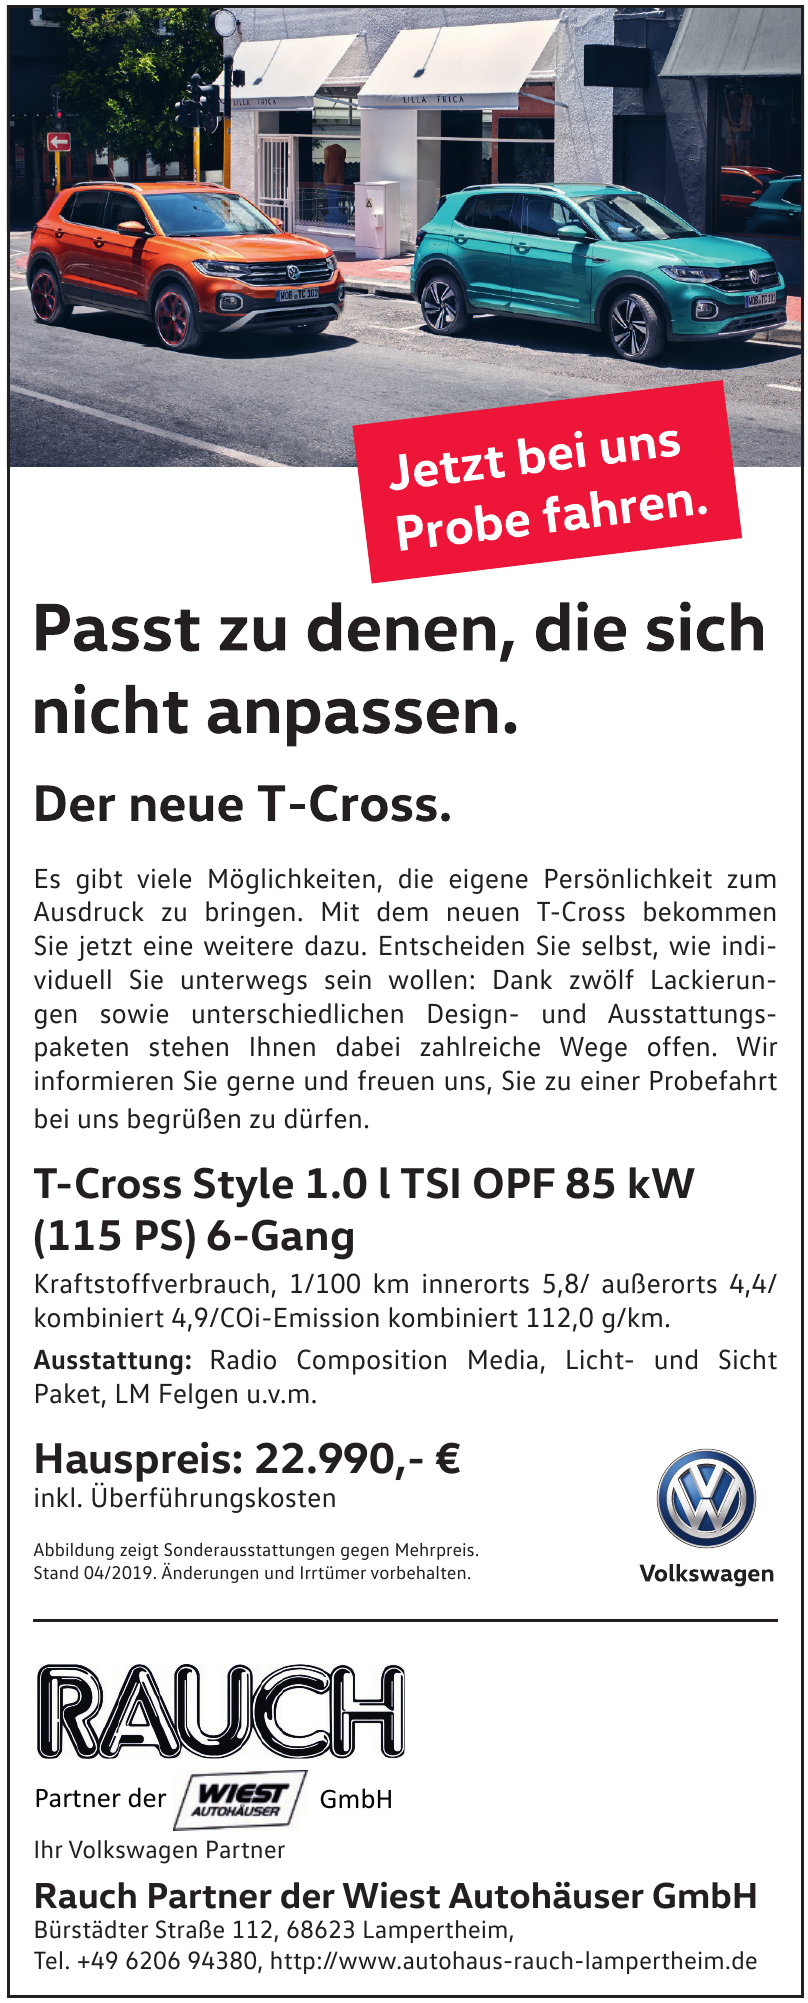 Rauch Partner der Wiest Autohäuser GmbH